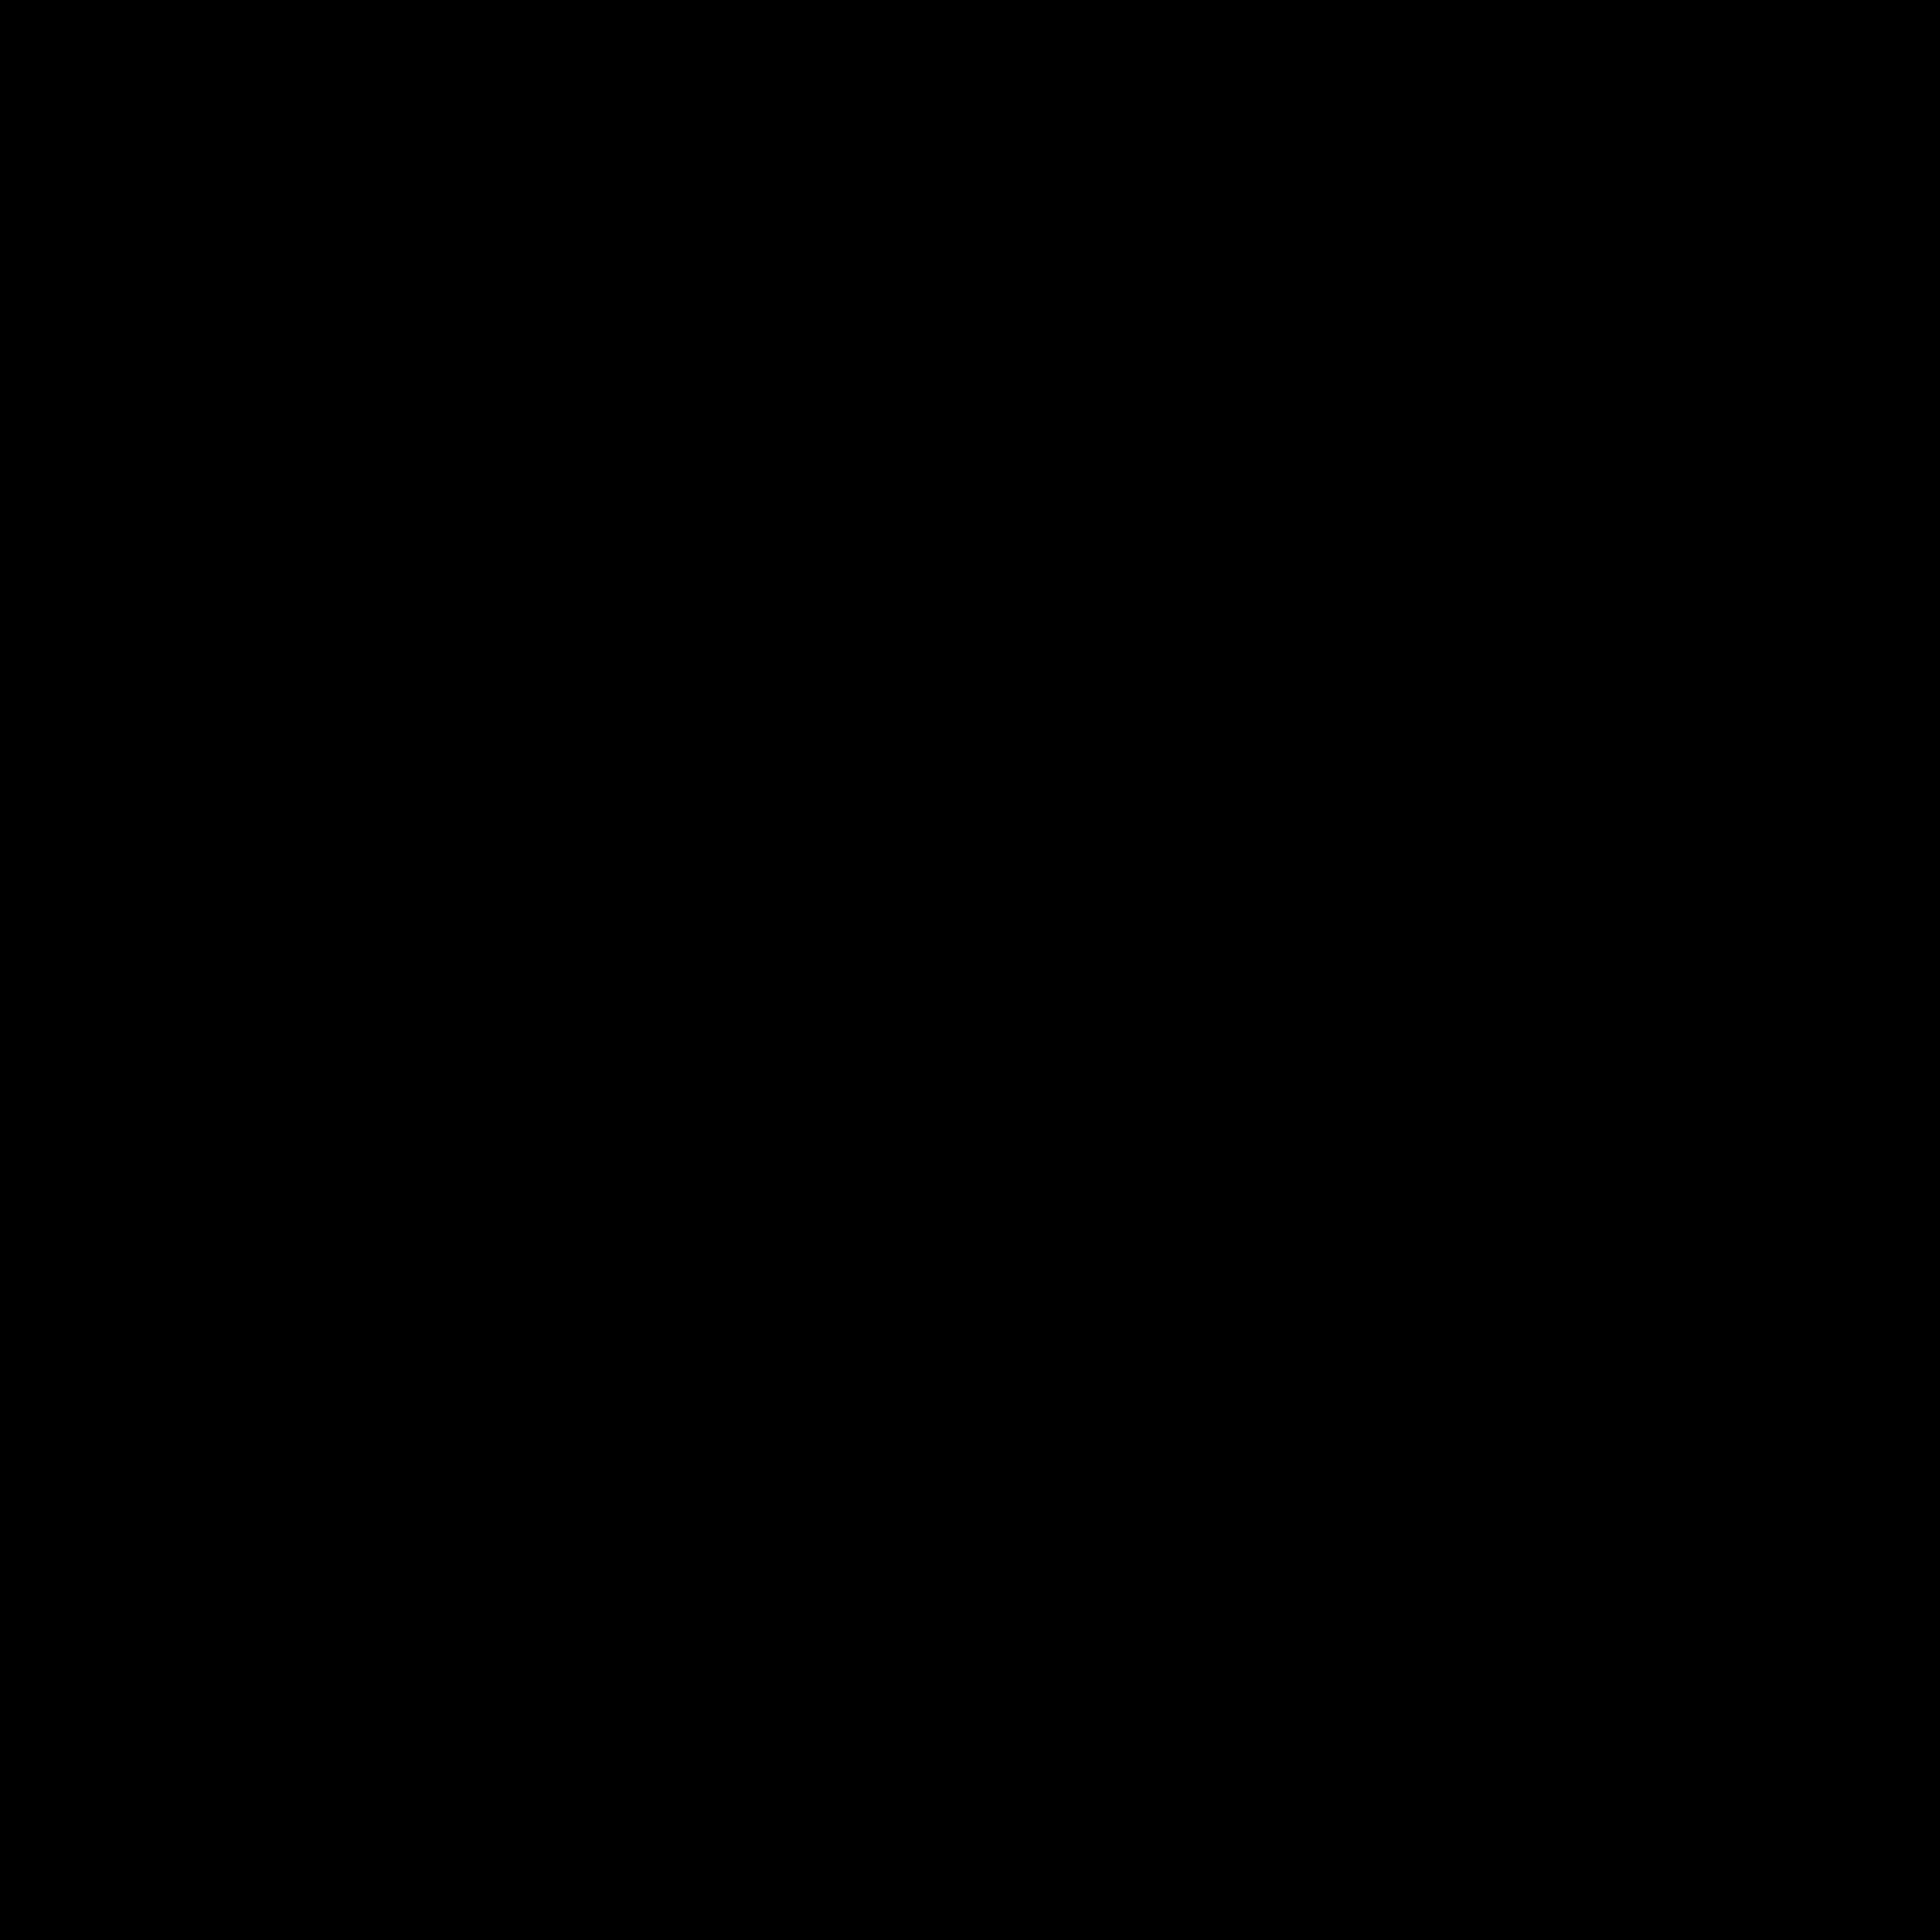 kipling logo 0 - Kipling Logo